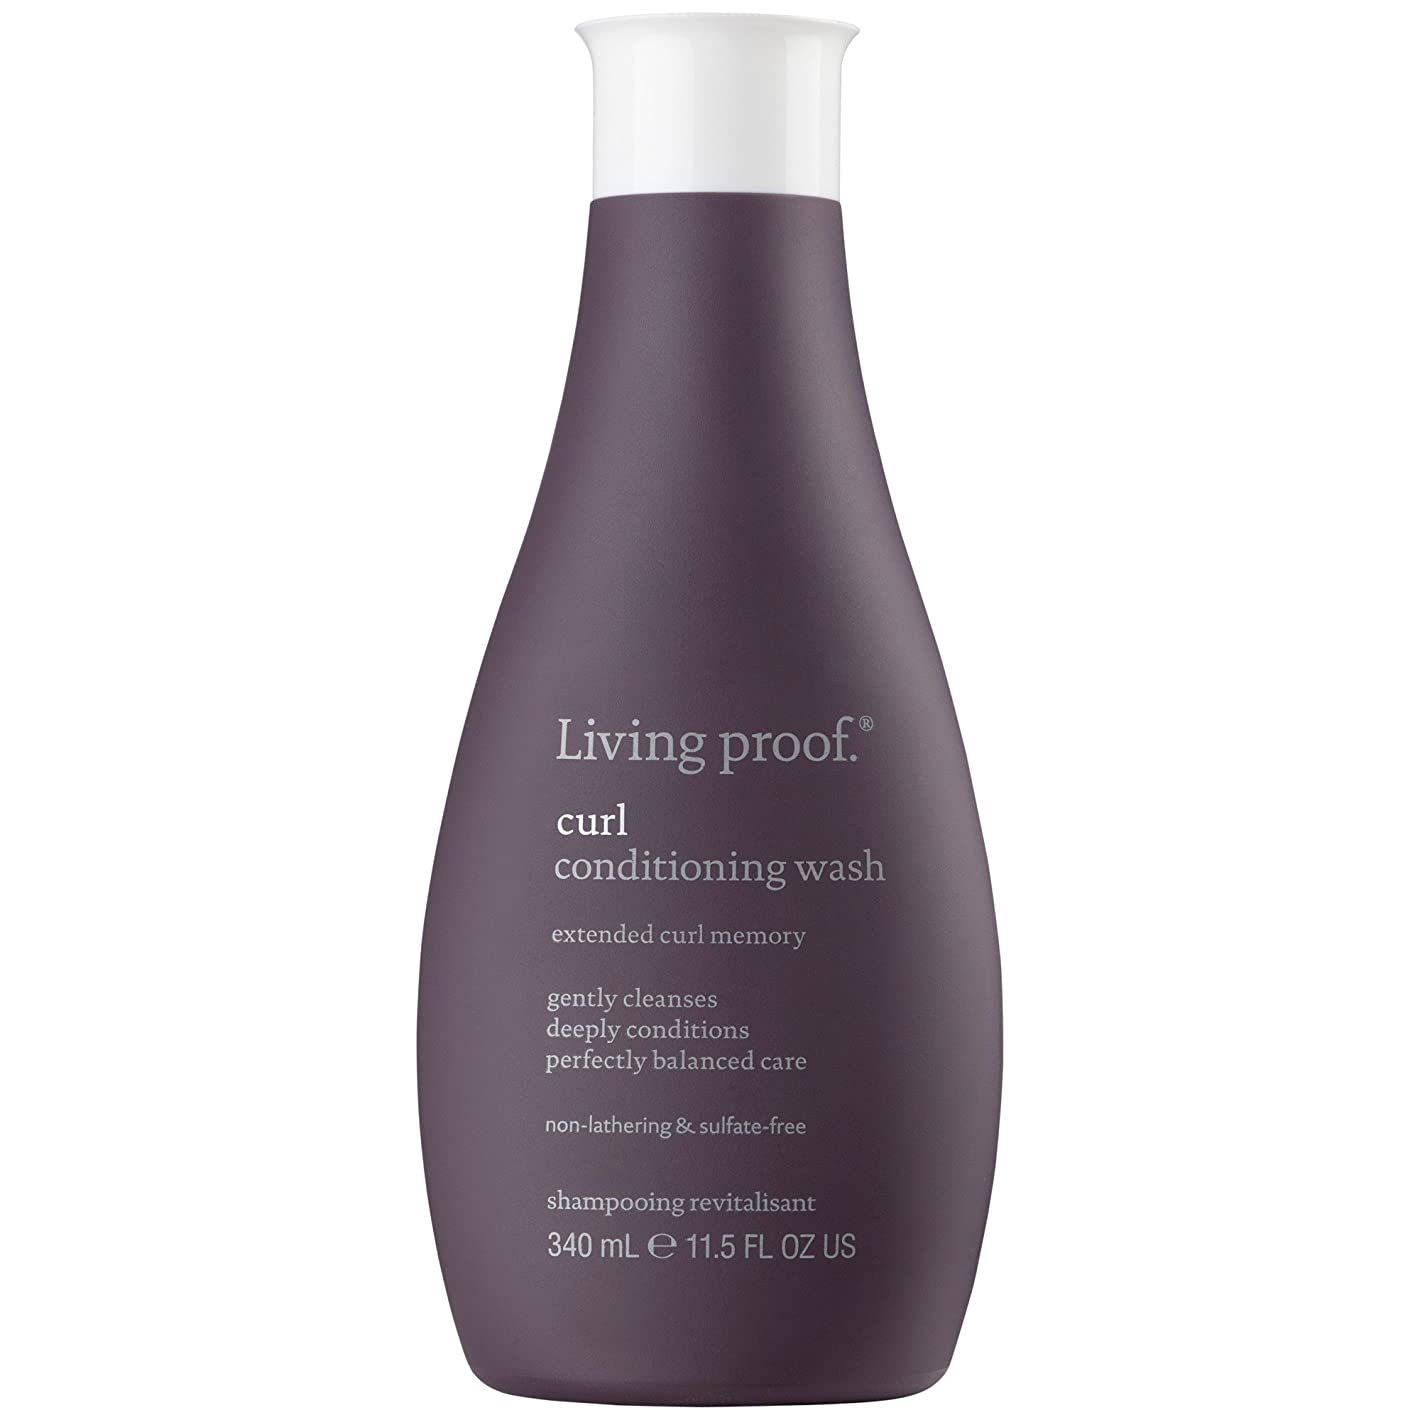 支払い証人一生きている証拠カールコンディショニングウォッシュ340ミリリットル (Living Proof) - Living Proof Curl Conditioning Wash 340ml [並行輸入品]